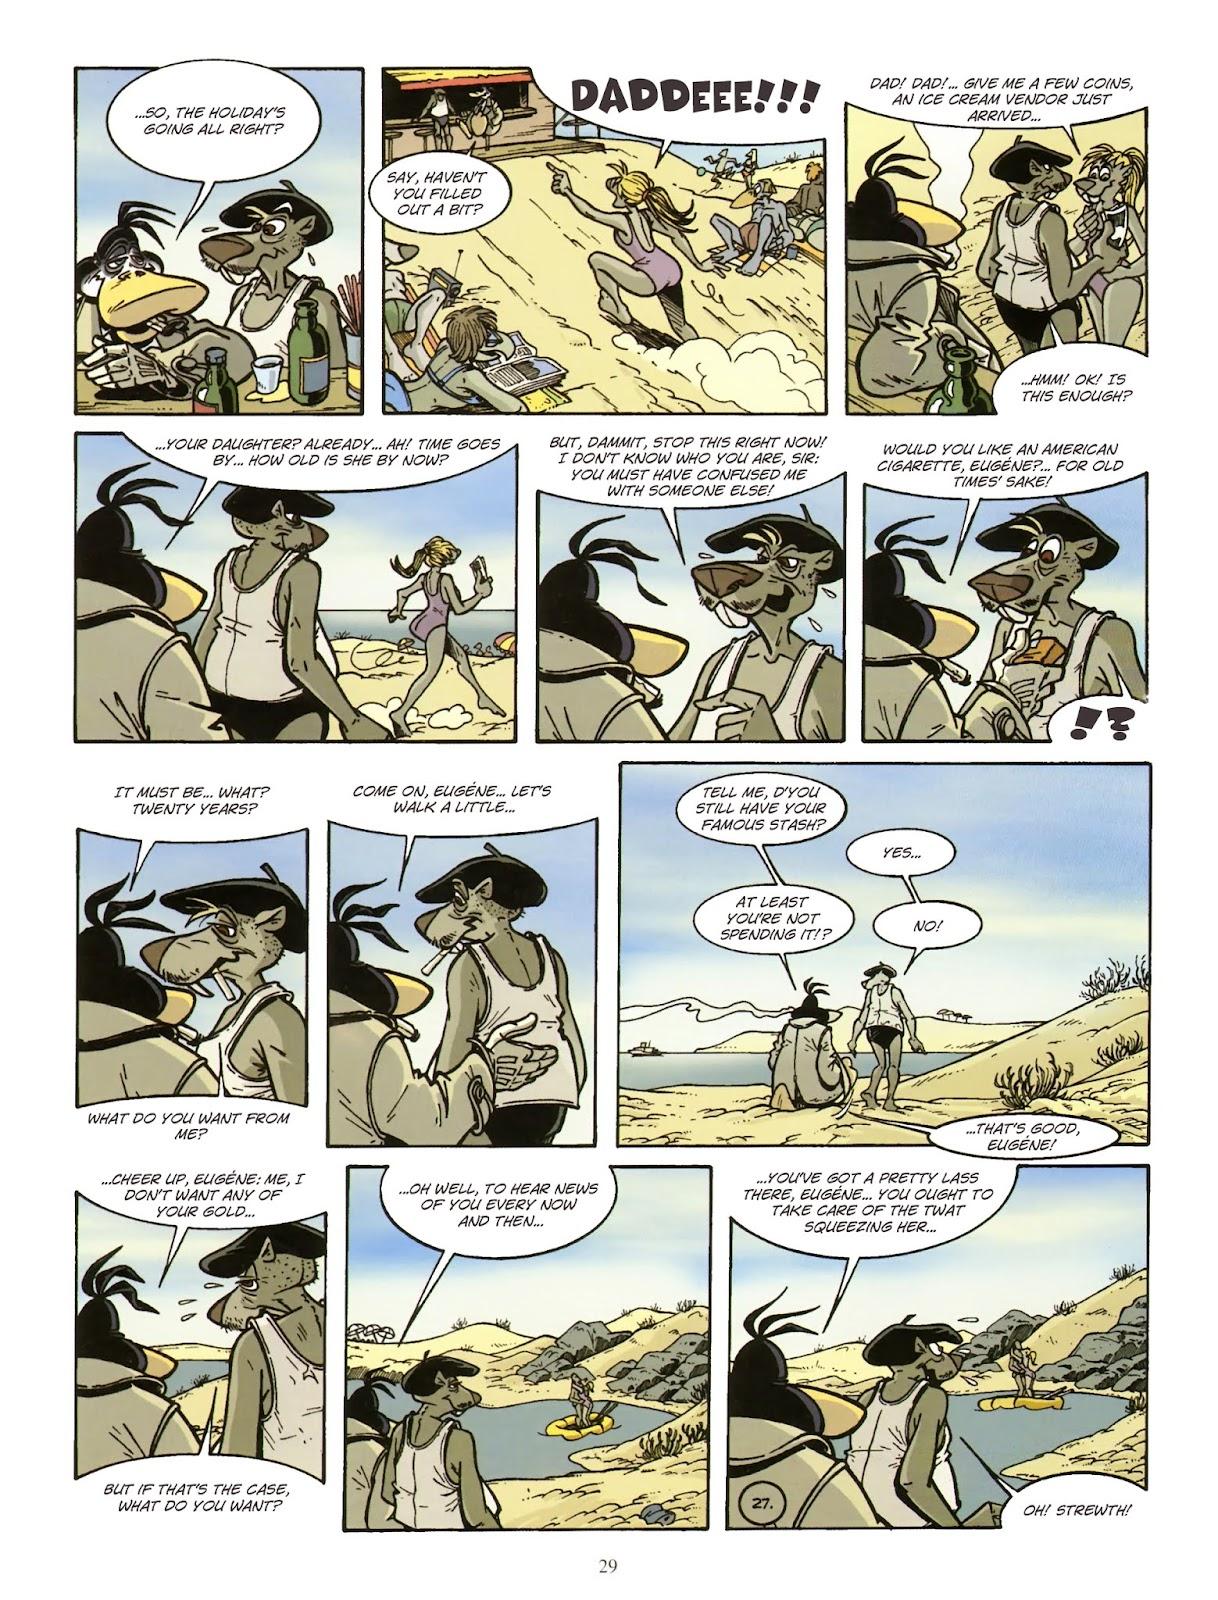 Une enquête de l'inspecteur Canardo issue 11 - Page 30